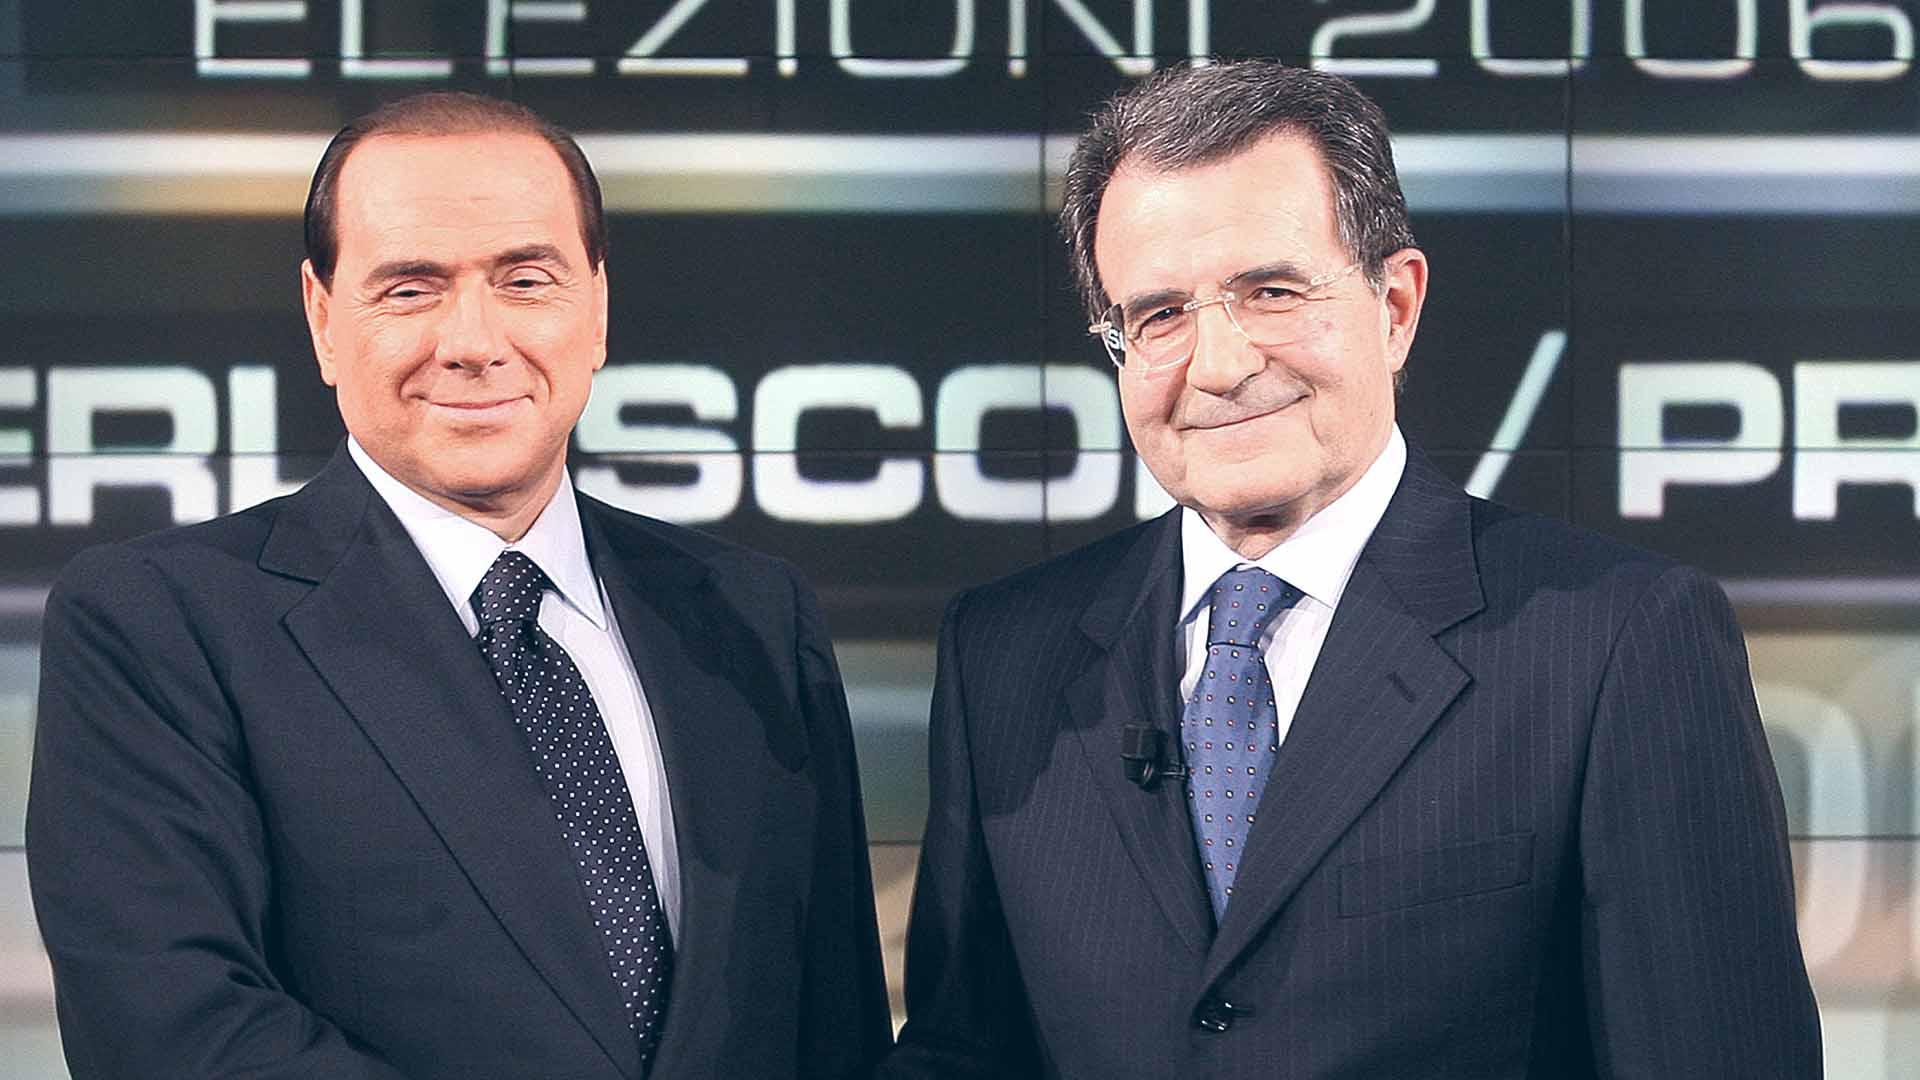 Berlusconi e Prodi si affrontarono due volte nel 2006, moderati da Clemente Mimun